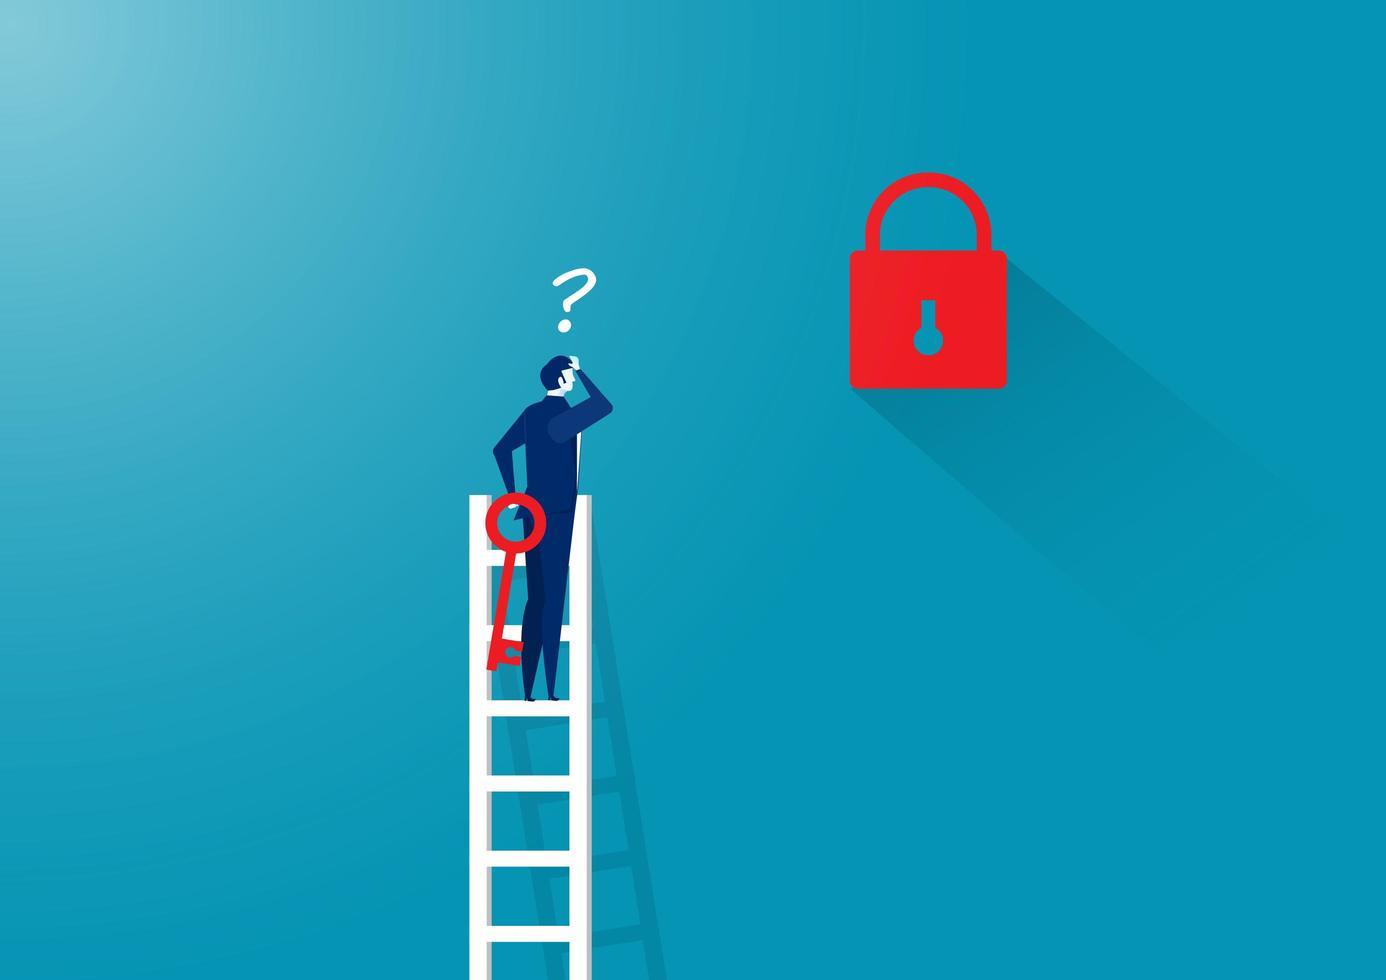 uomo d'affari con chiave sulla scala lontano dalla serratura vettore